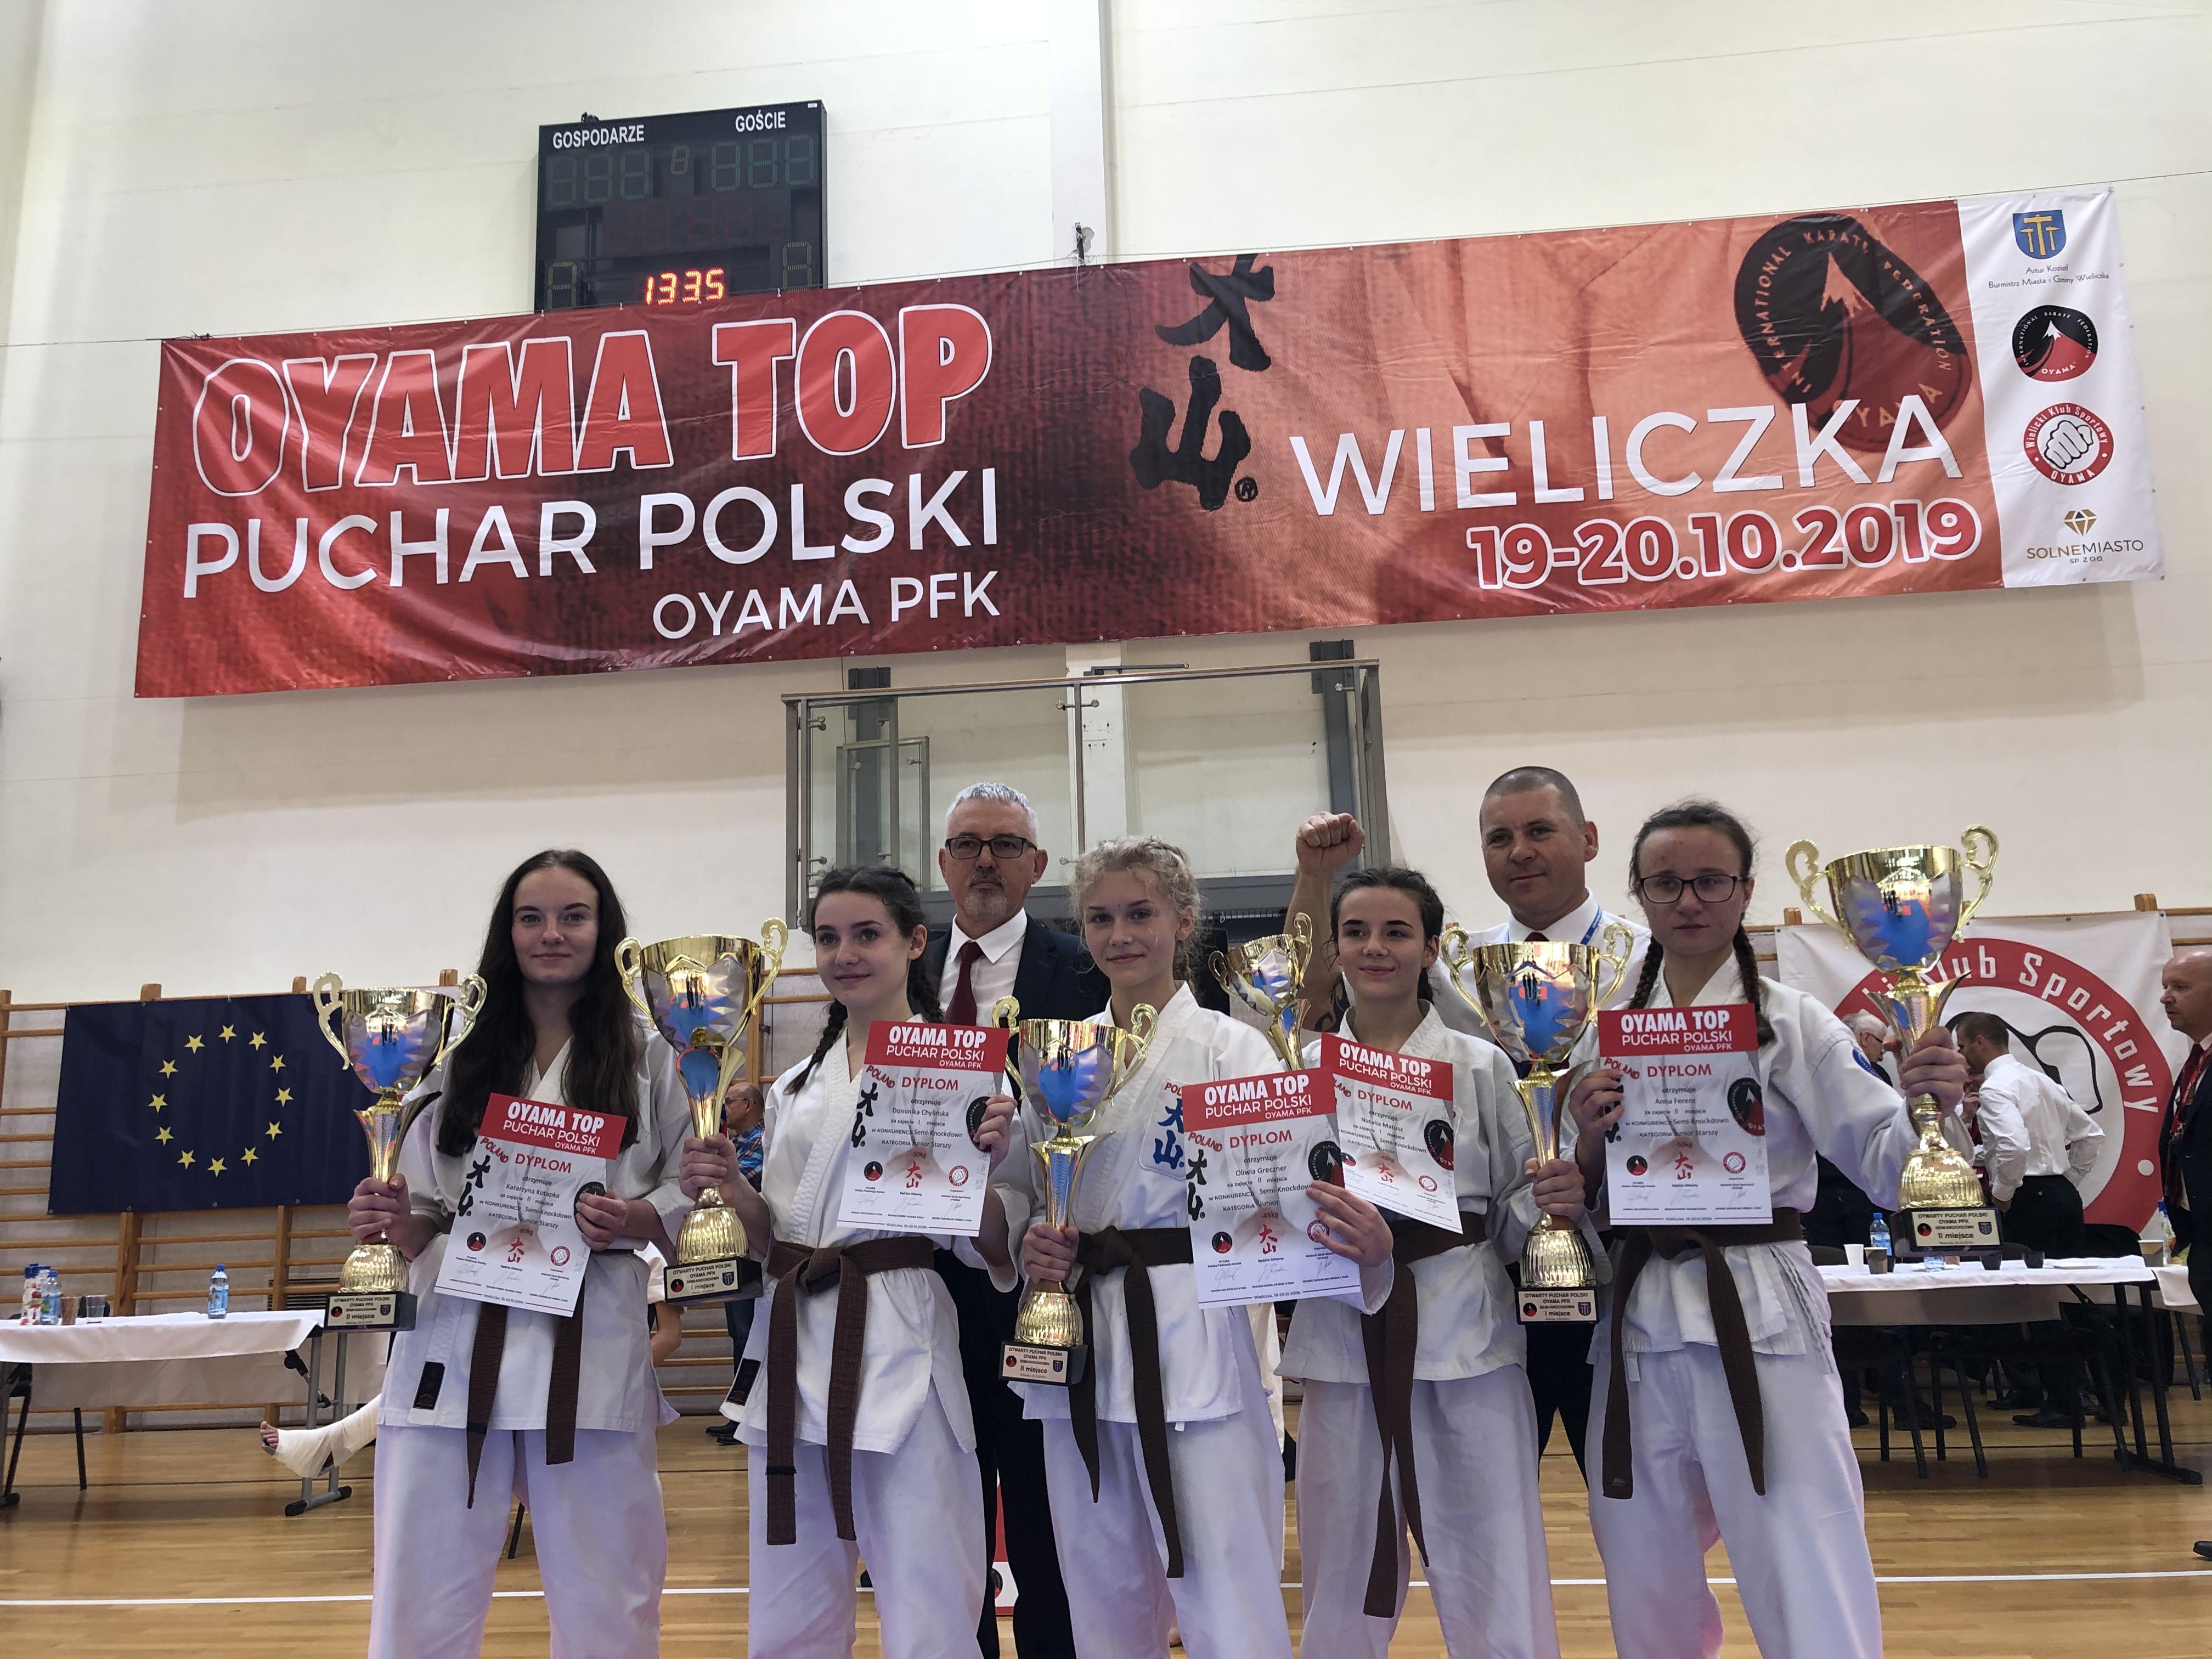 Reprezentantki Oświęcimskiego Klubu Karate podczas zawodów Pucharu Polski w Wieliczce wywalczyły cztery złote i trzy srebrne medale. Fot. zbiory OKK/nadesłane